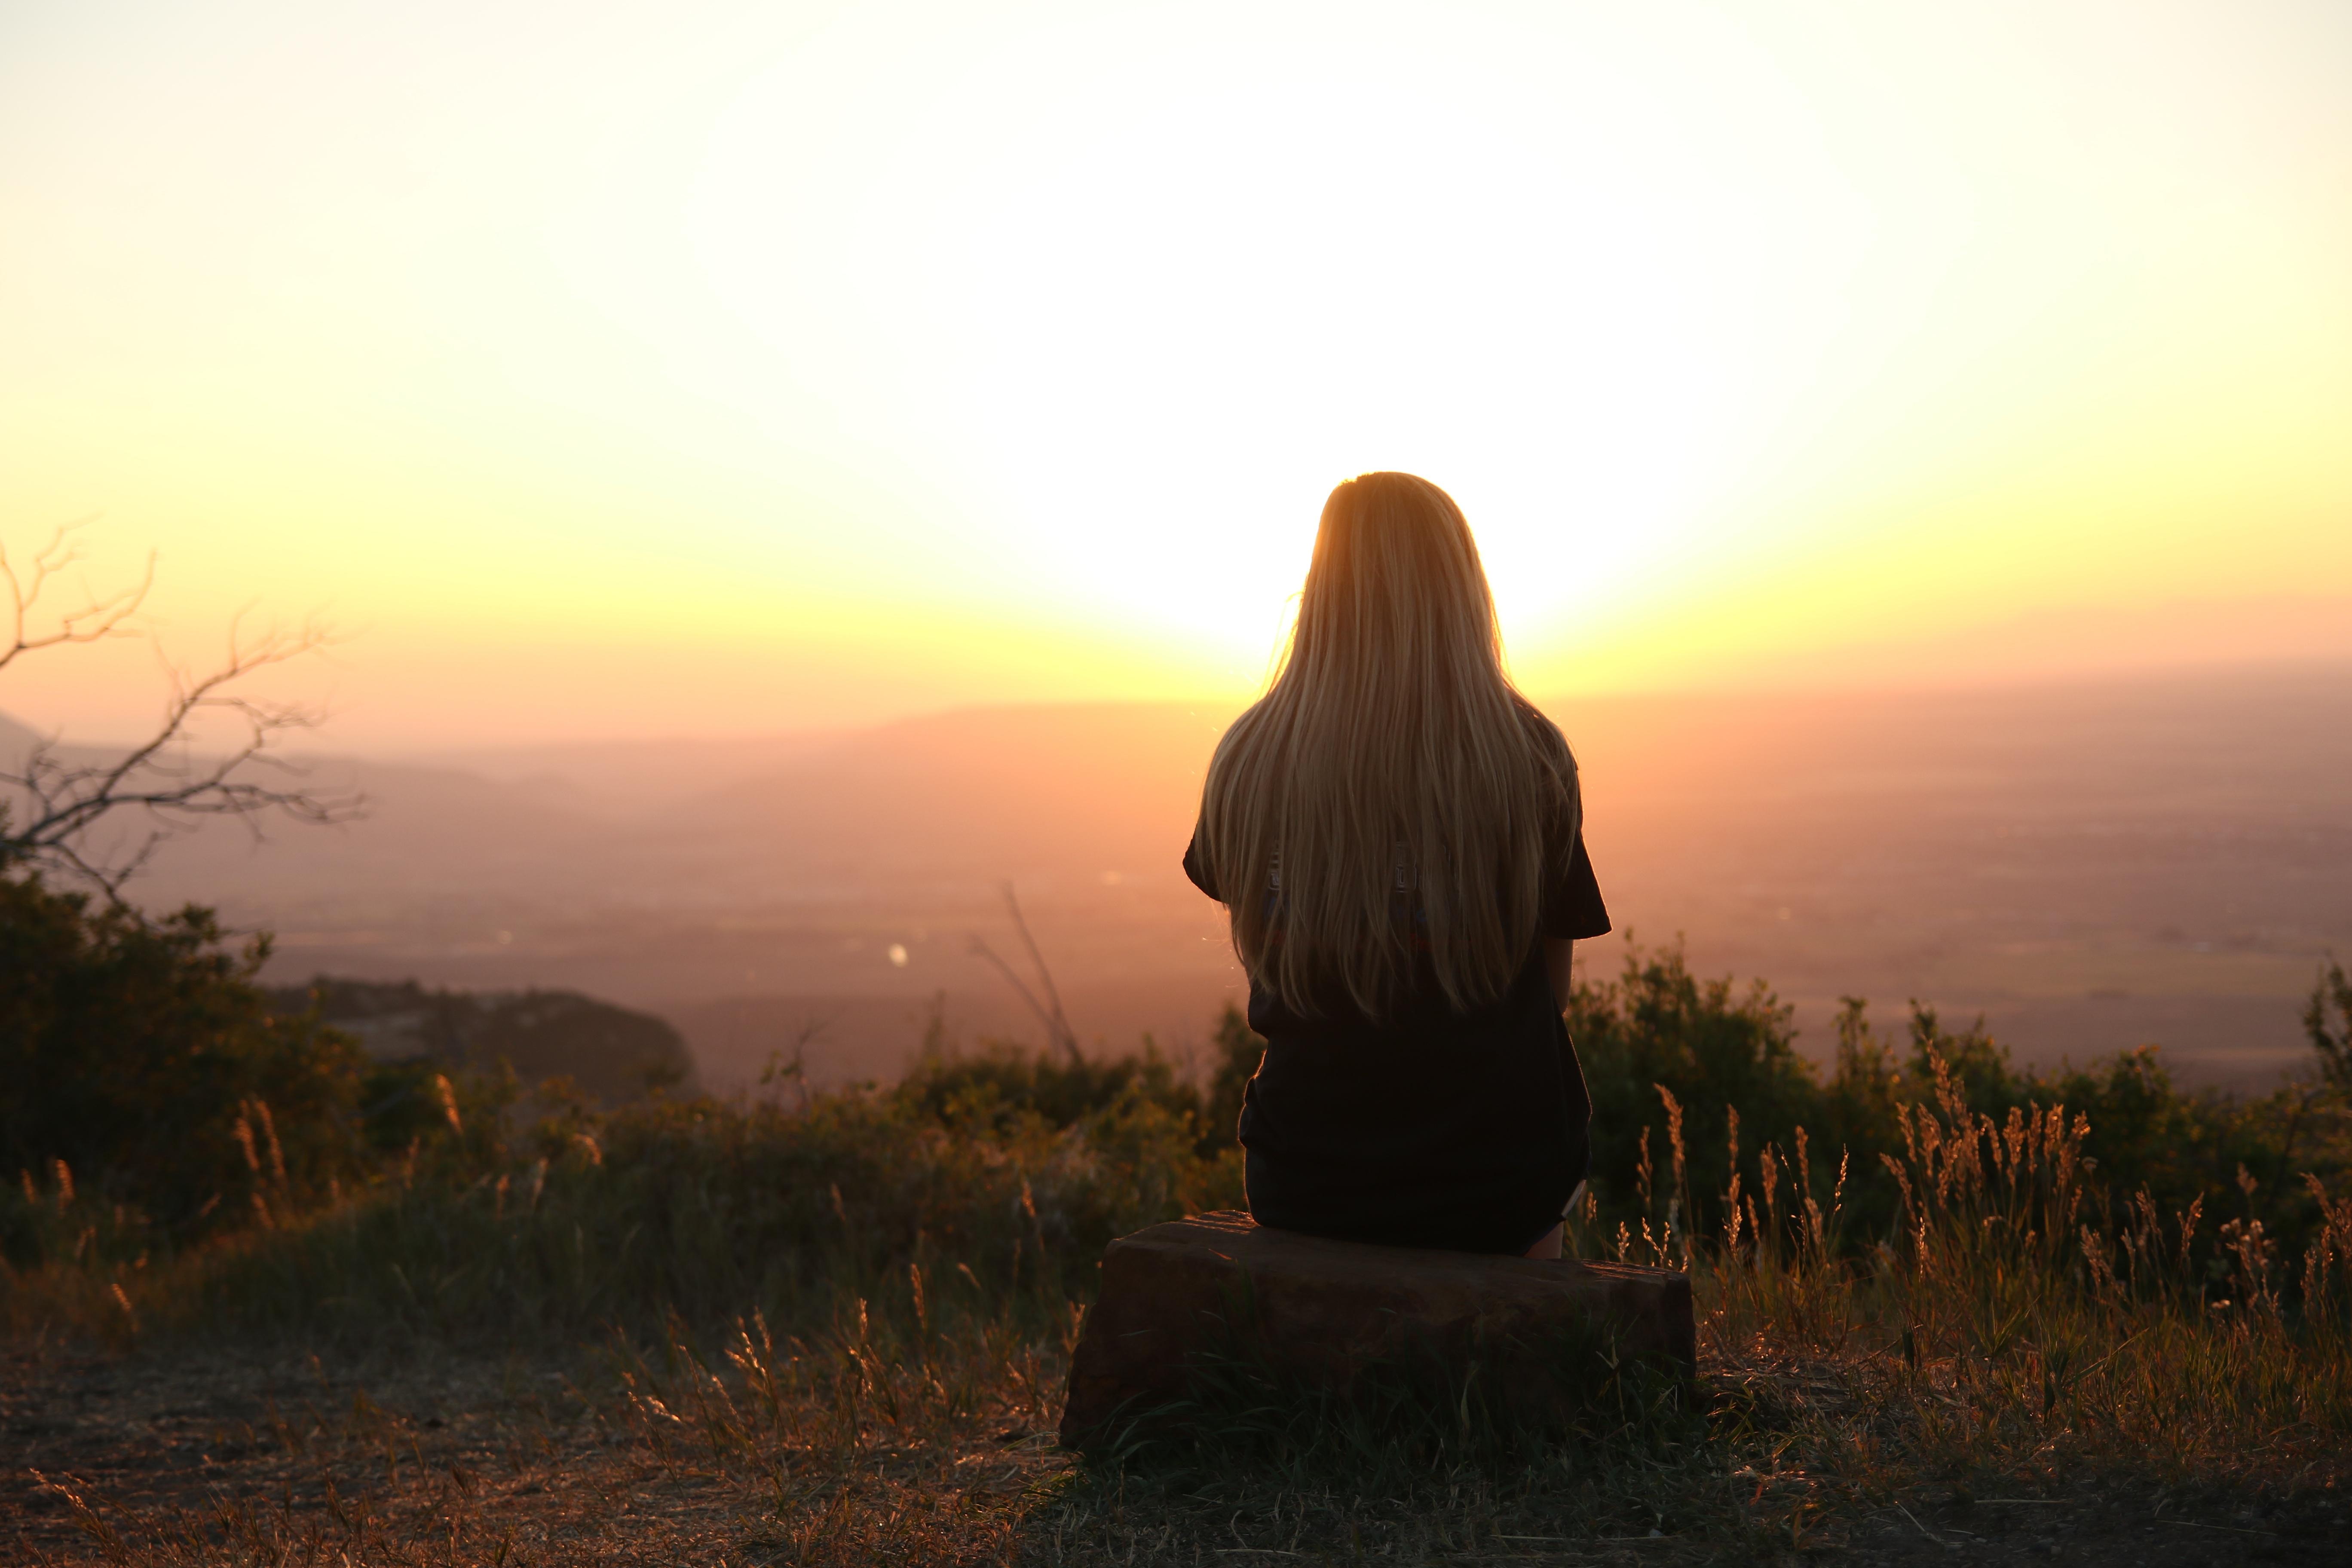 Картинка женщина в одиночестве